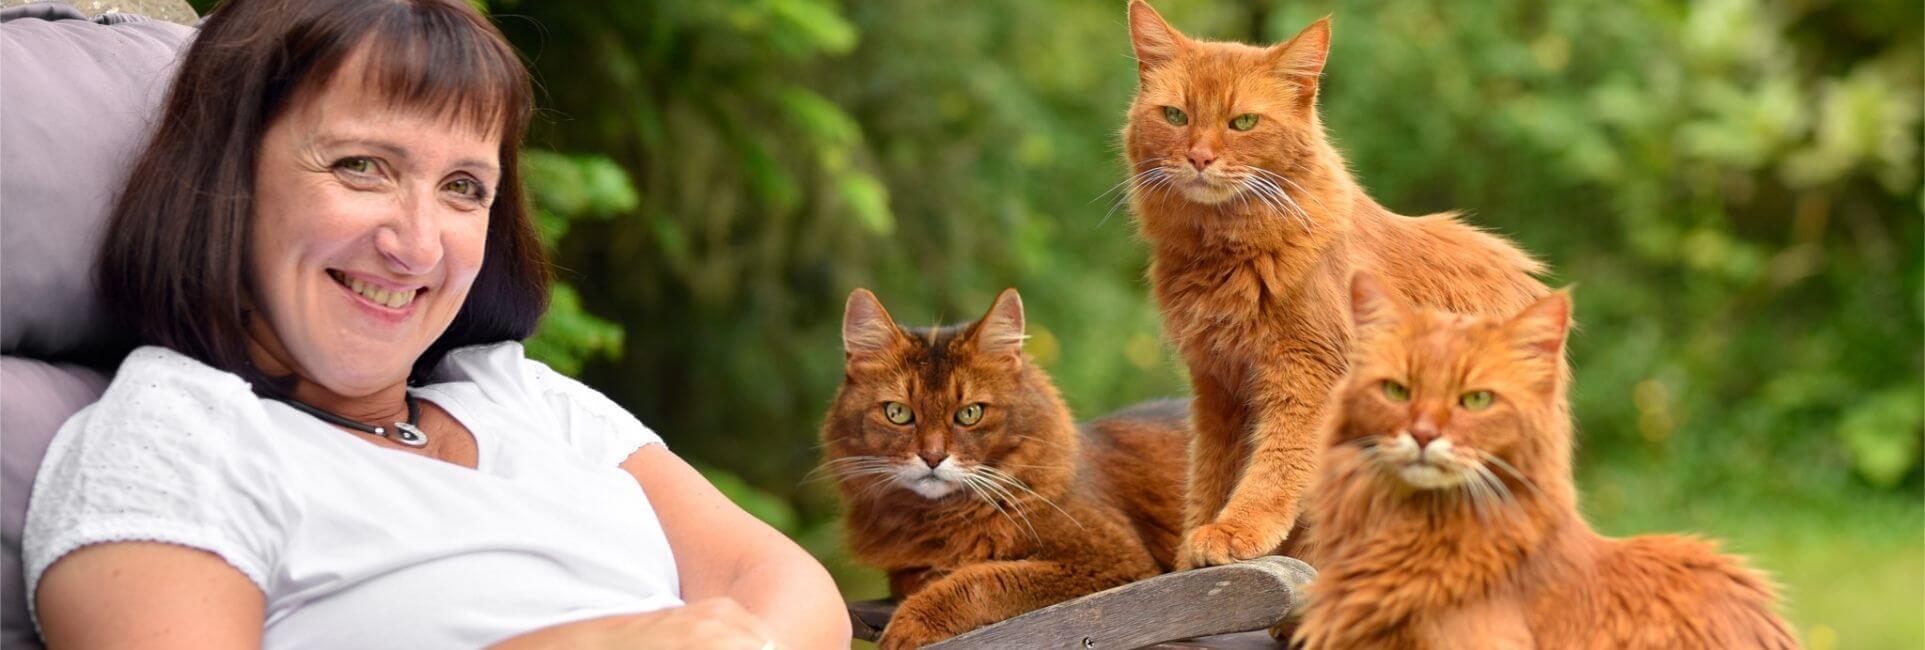 Christiane mit Katze